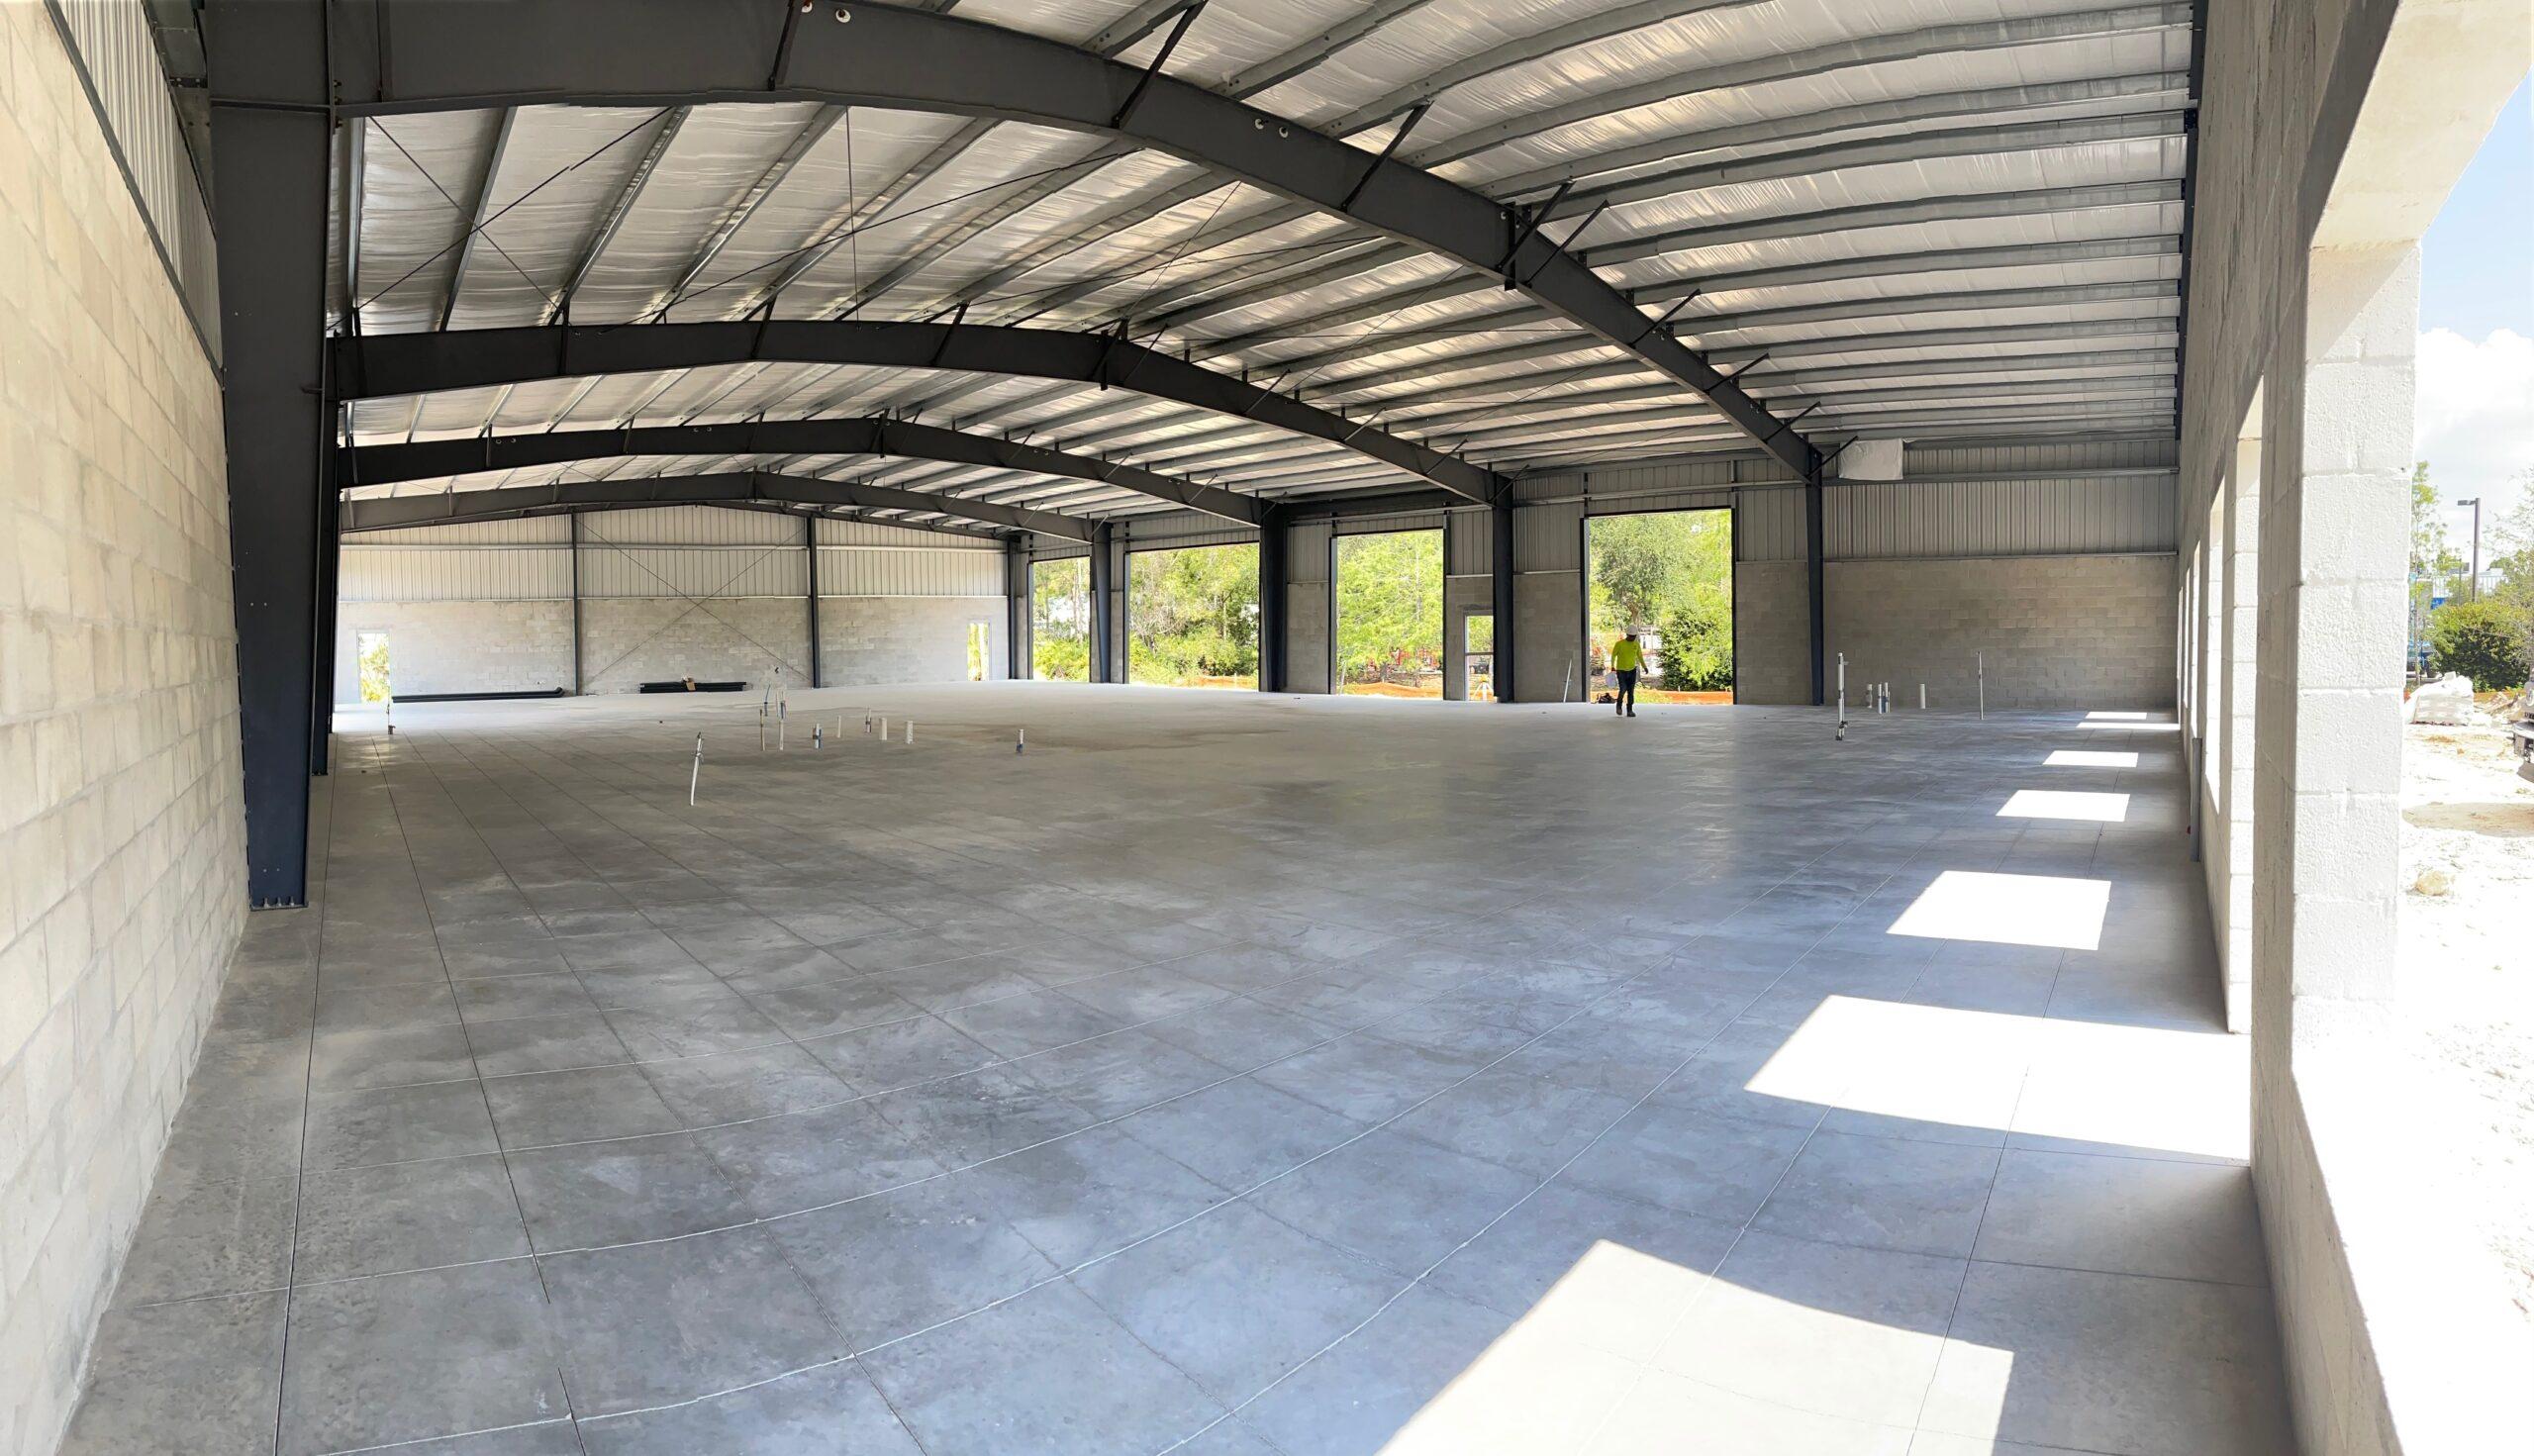 Commercial concrete floor